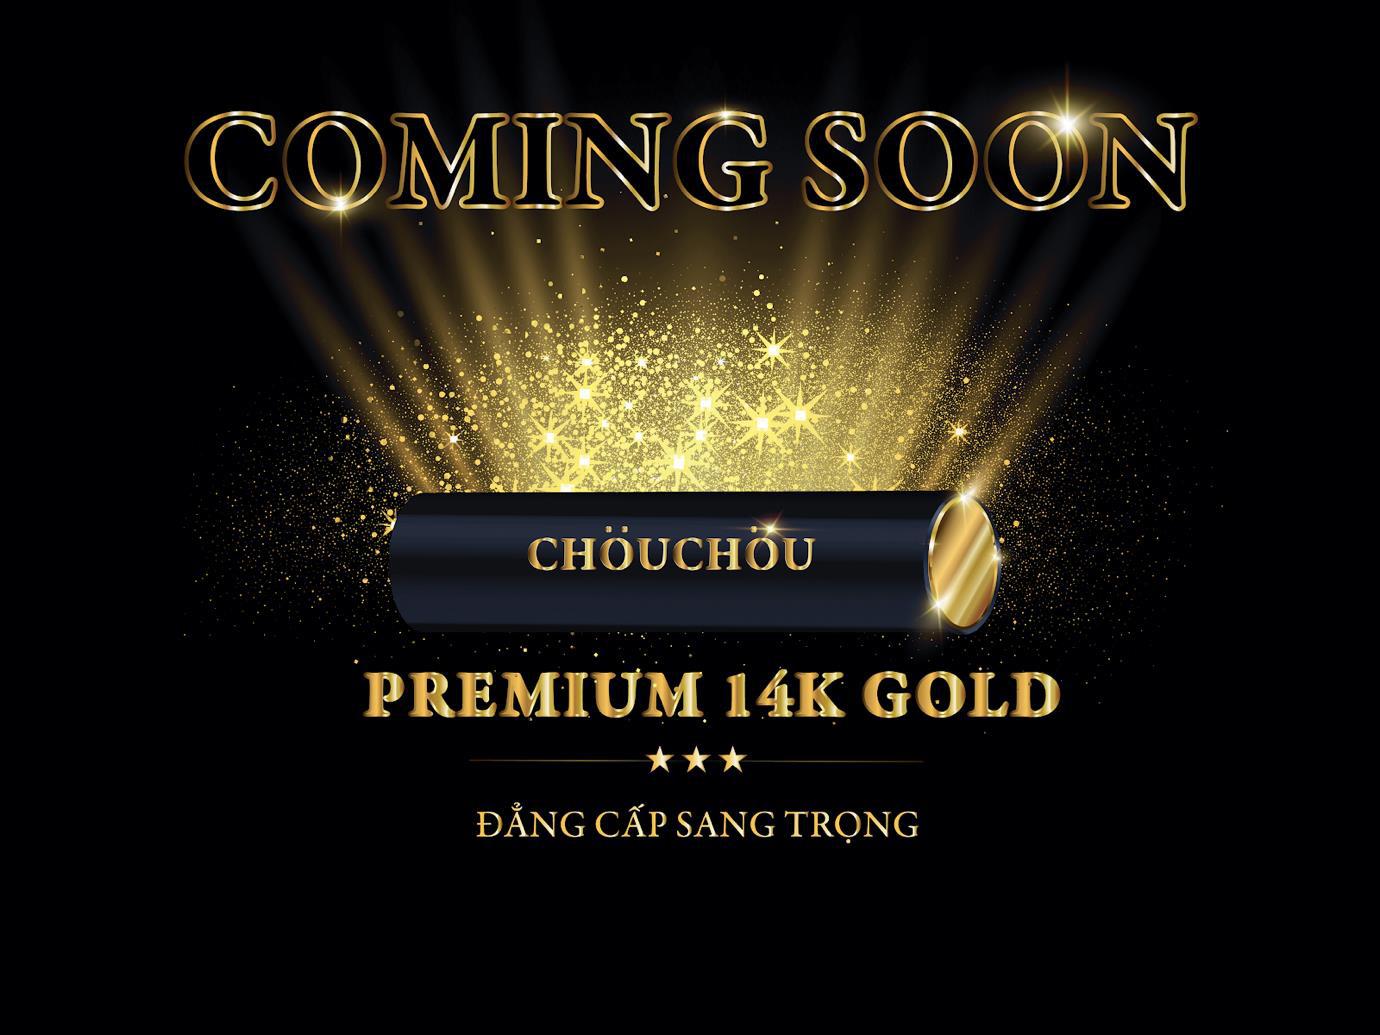 ChouChou ra mắt dòng son mạ vàng Premium Matte 14k Gold Edition chinh phục các beauty blogger khó tính - Ảnh 2.